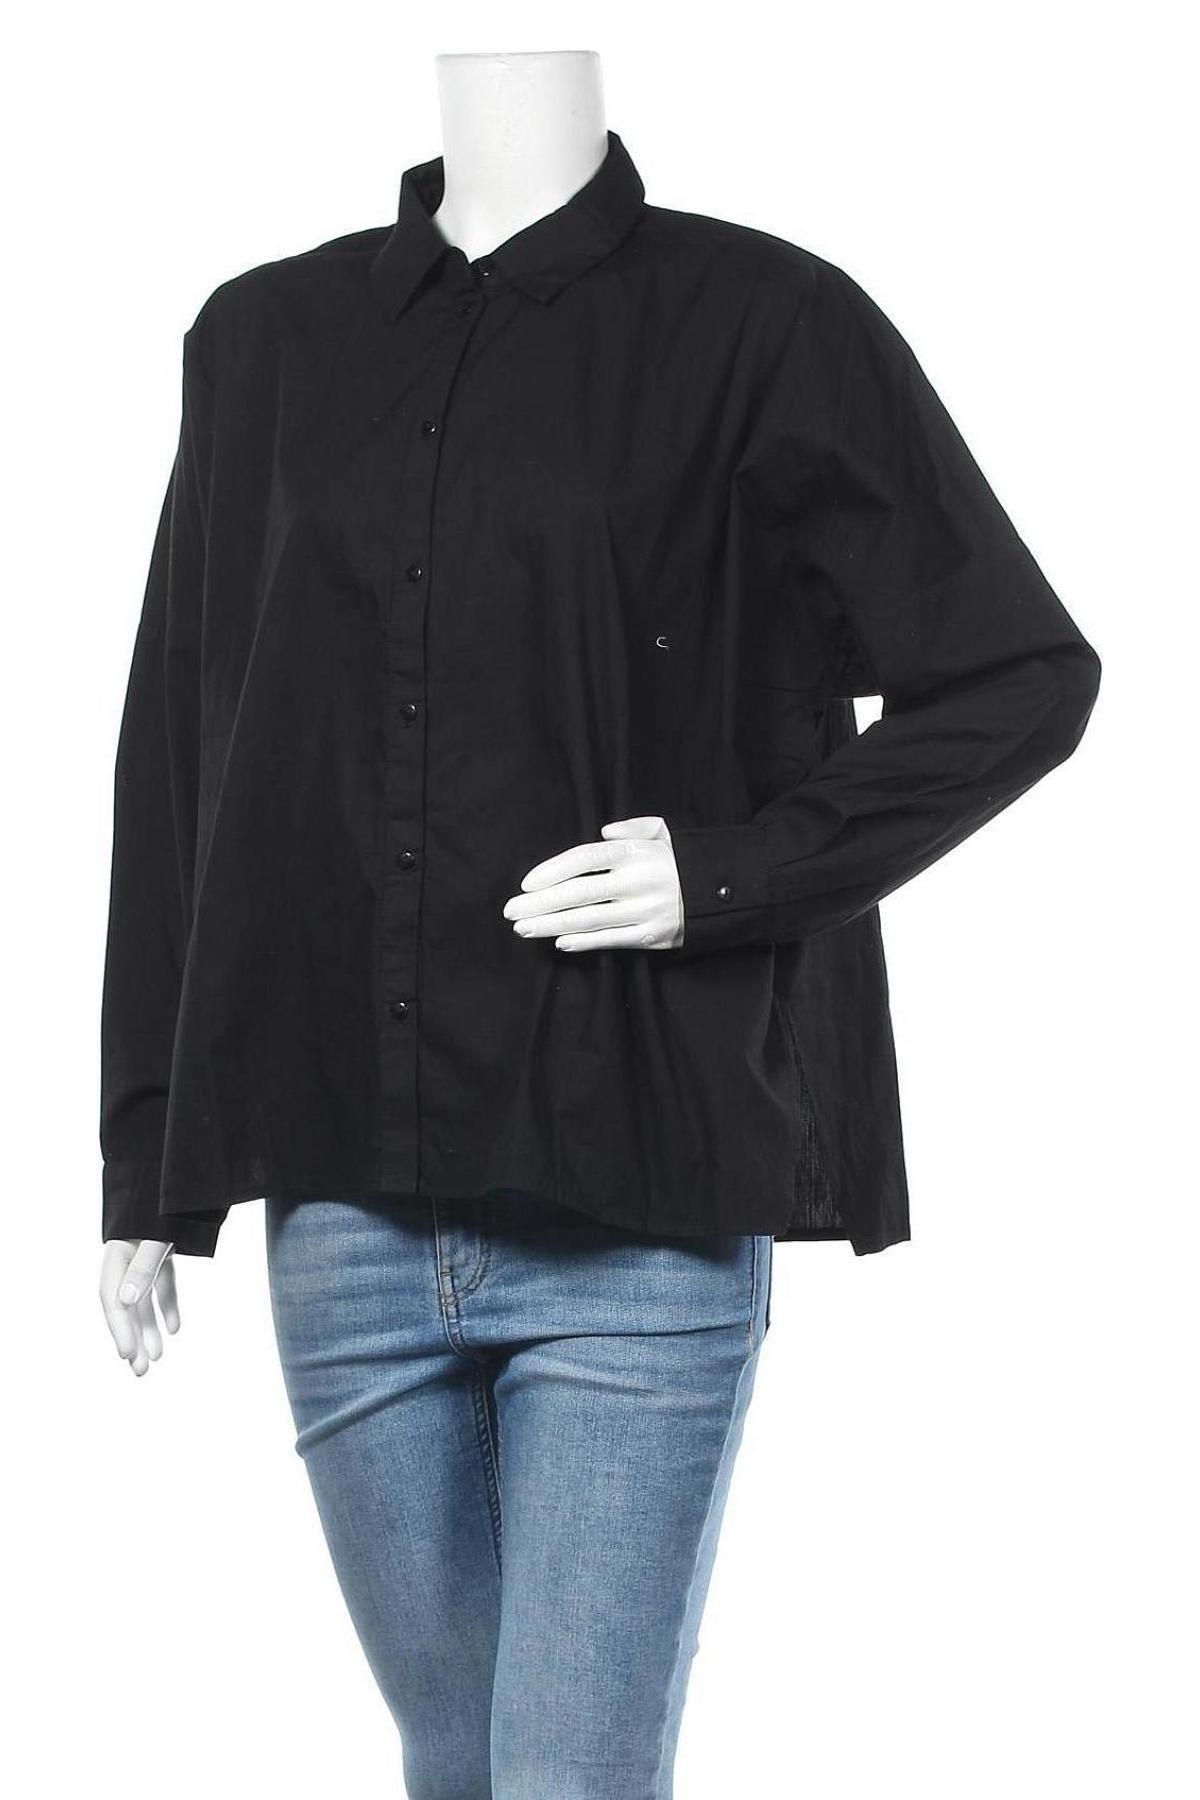 Γυναικείο πουκάμισο Pieces, Μέγεθος XXL, Χρώμα Μαύρο, Βαμβάκι, Τιμή 18,95€